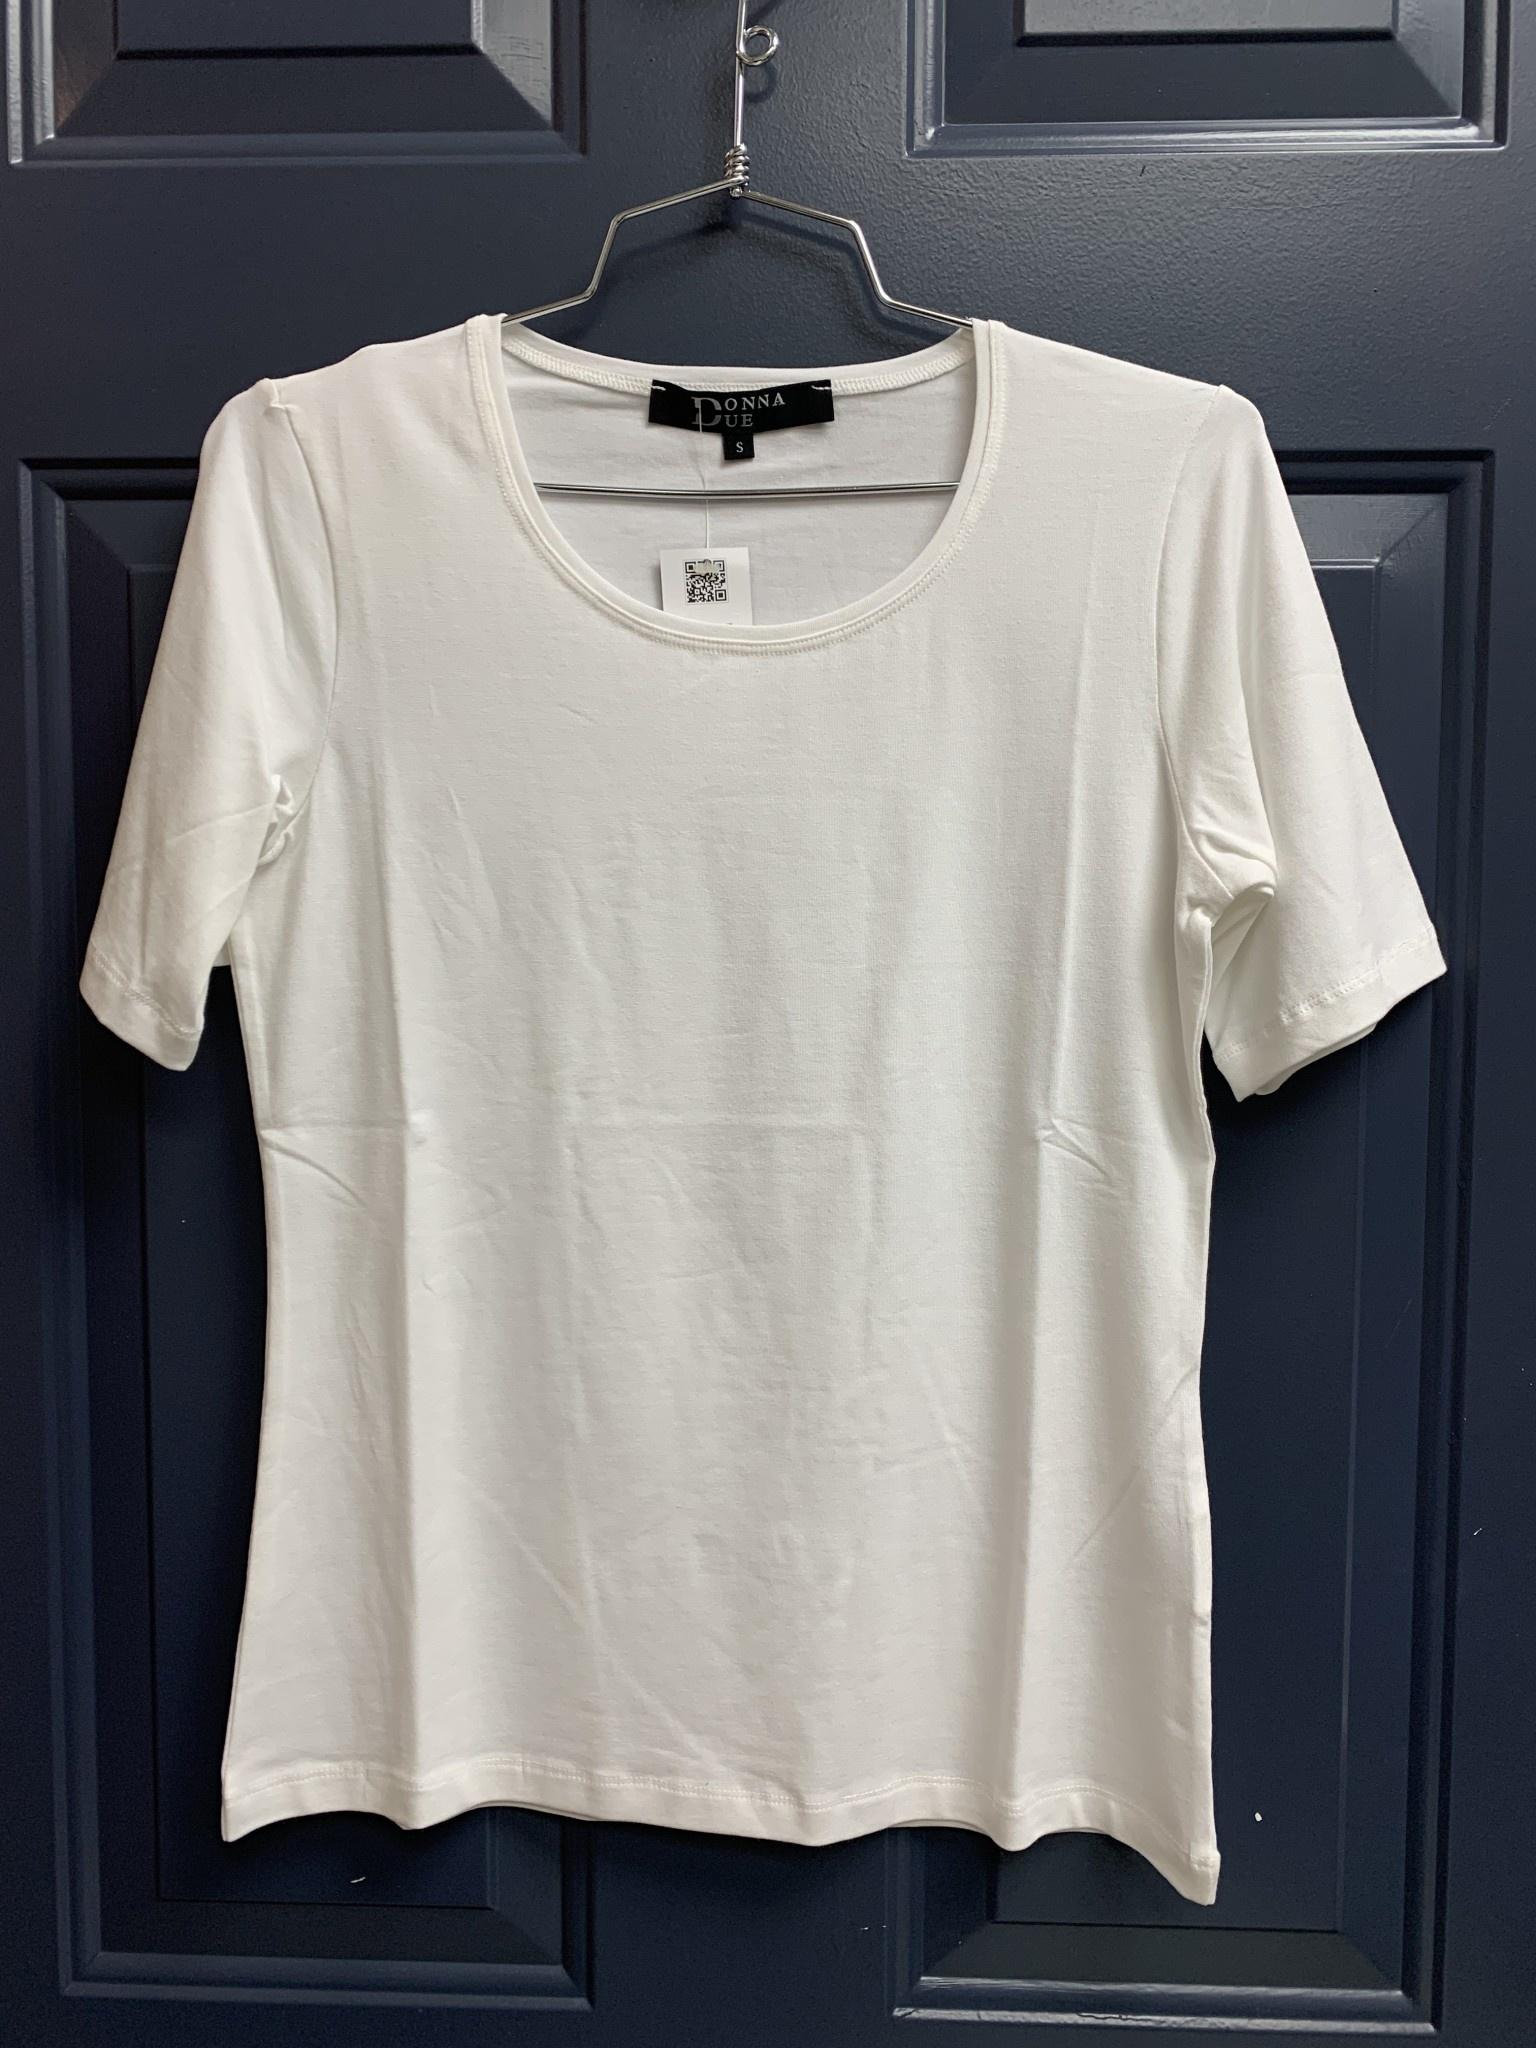 Basic Jersey Tee - White